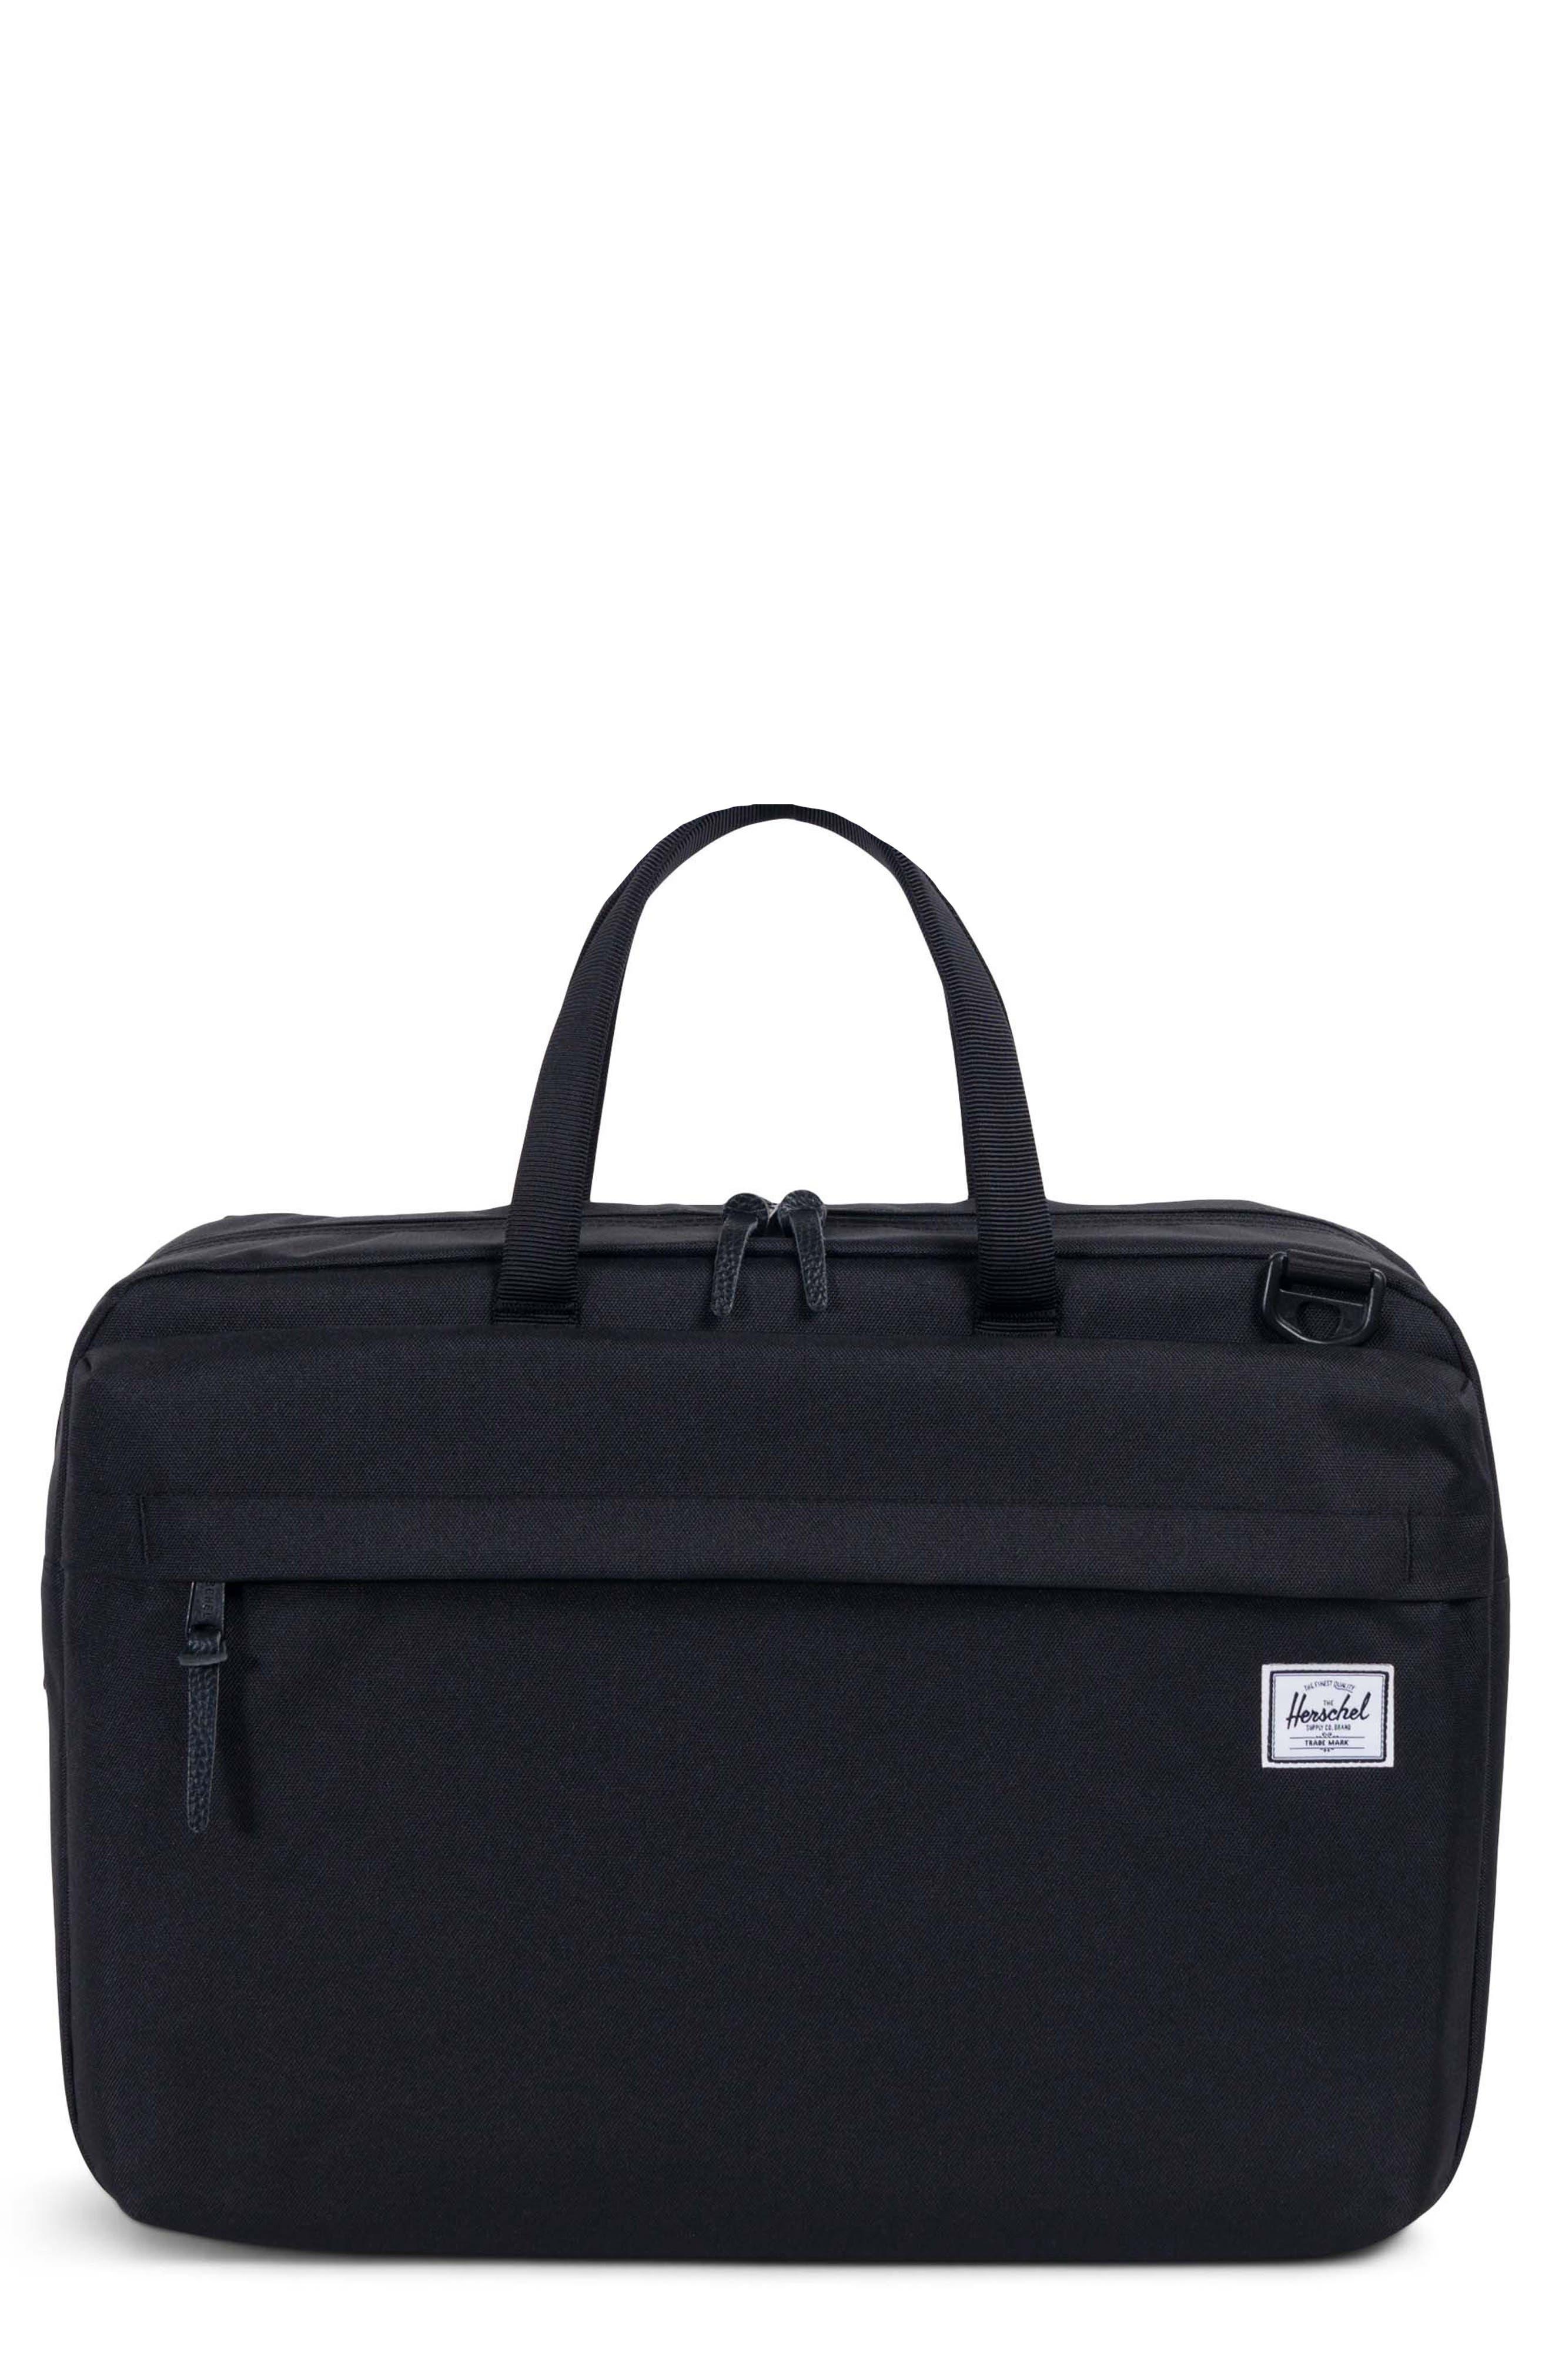 Sandford Messenger Bag,                         Main,                         color, BLACK